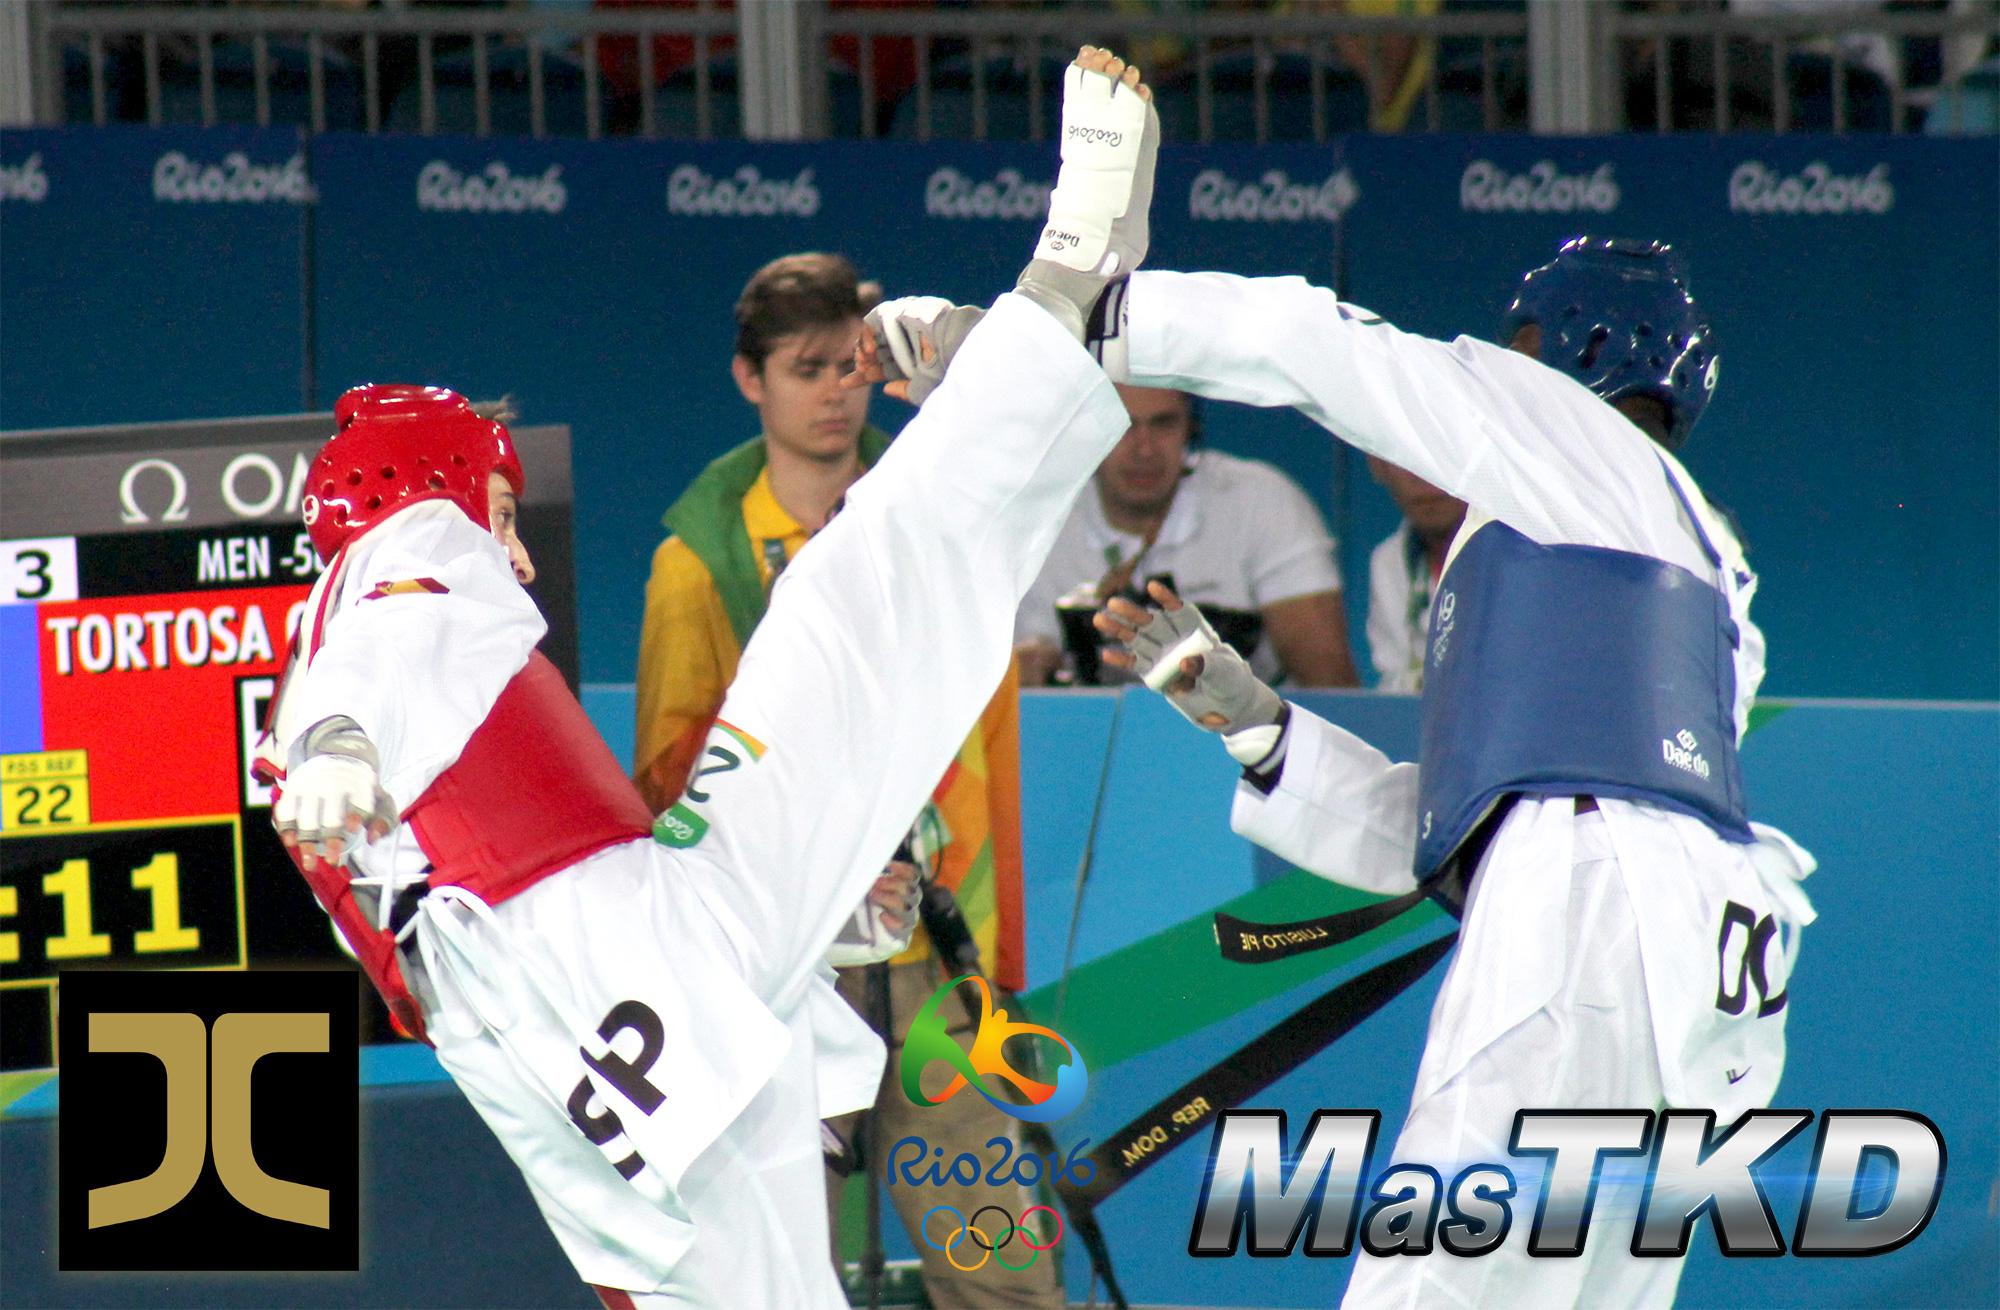 Taekwondo, ¿por qué se ha perdido la espectacularidad?